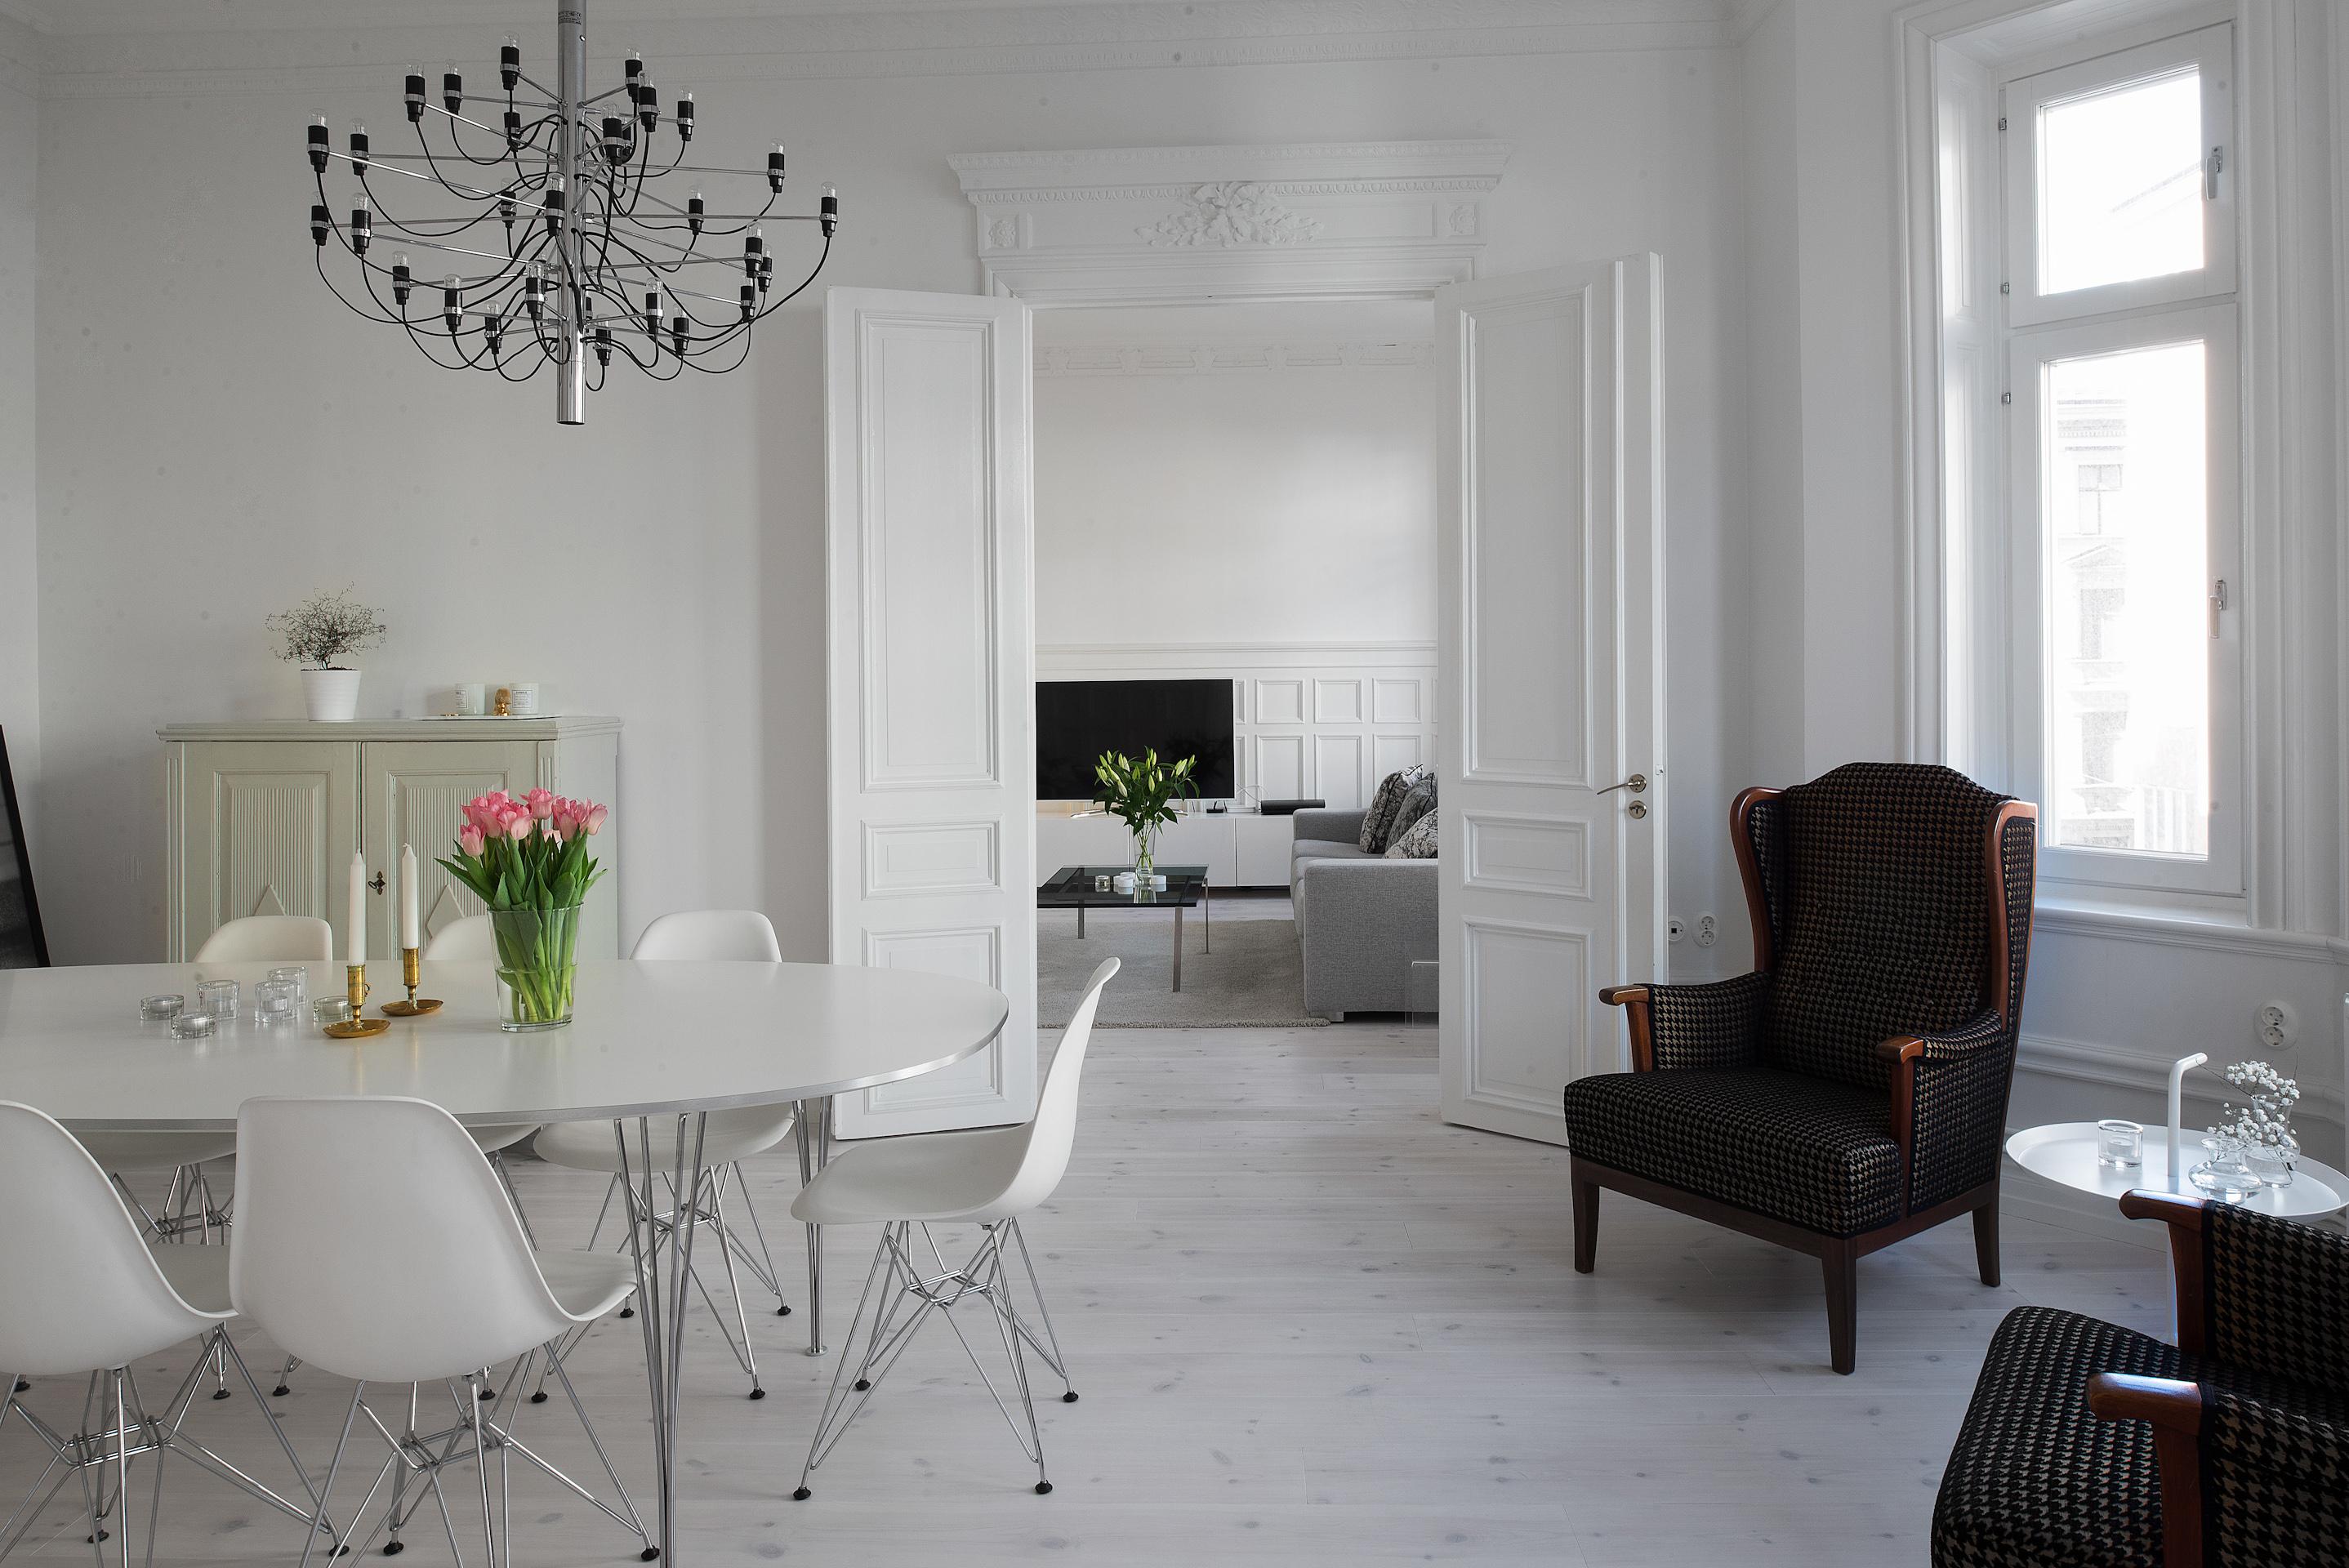 Piso elegante y moderno con elementos originales blog Pisos modernos para casas minimalistas